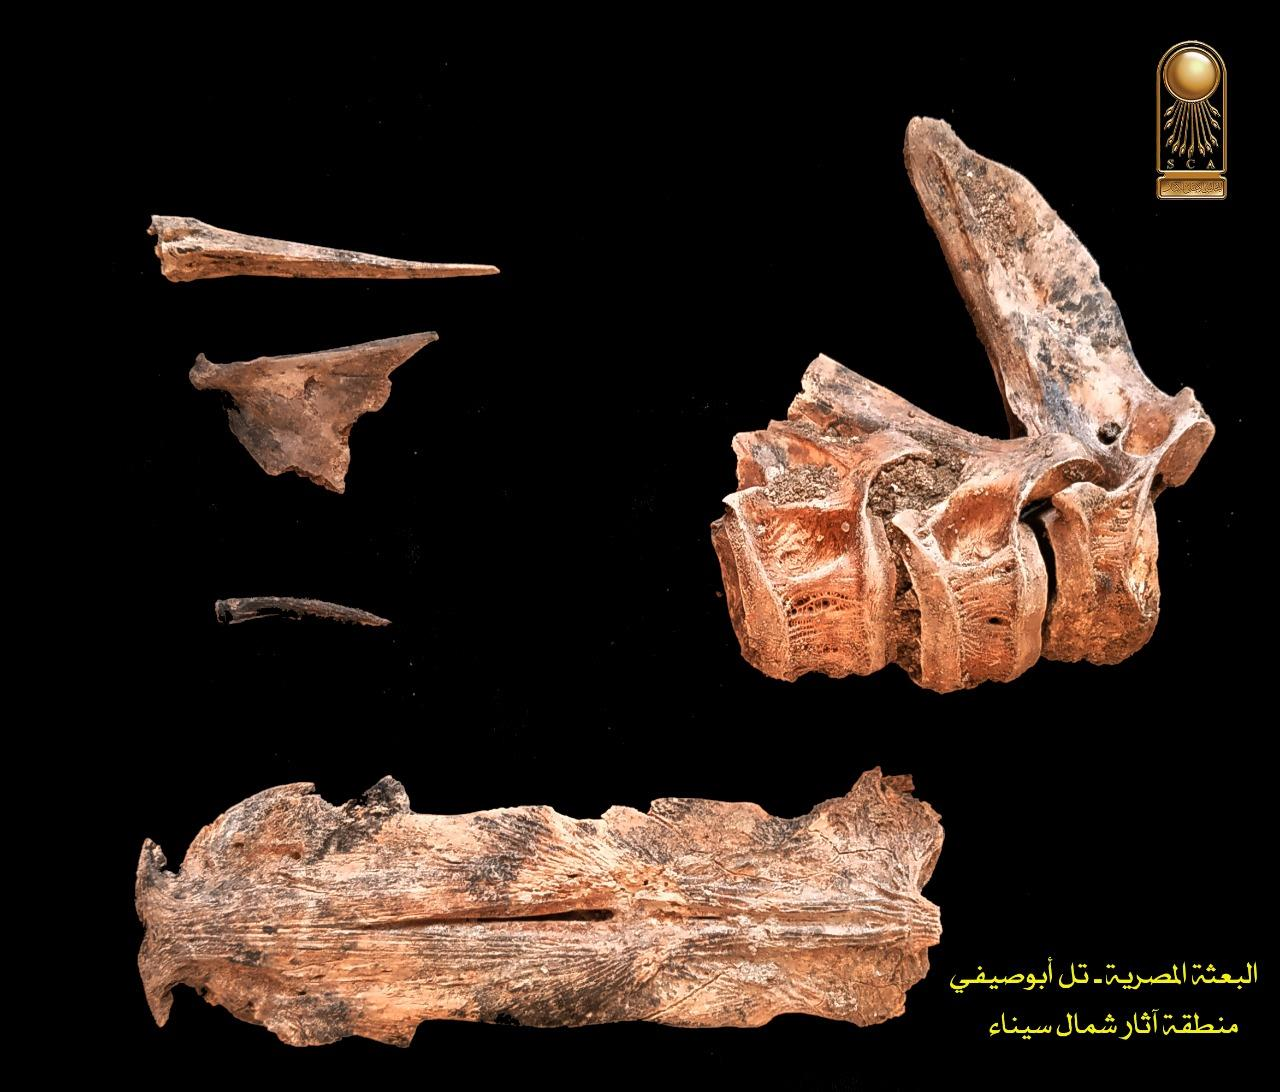 ورشة بناء وإصلاح المراكب والسفن بتل آثار أبوصيفي